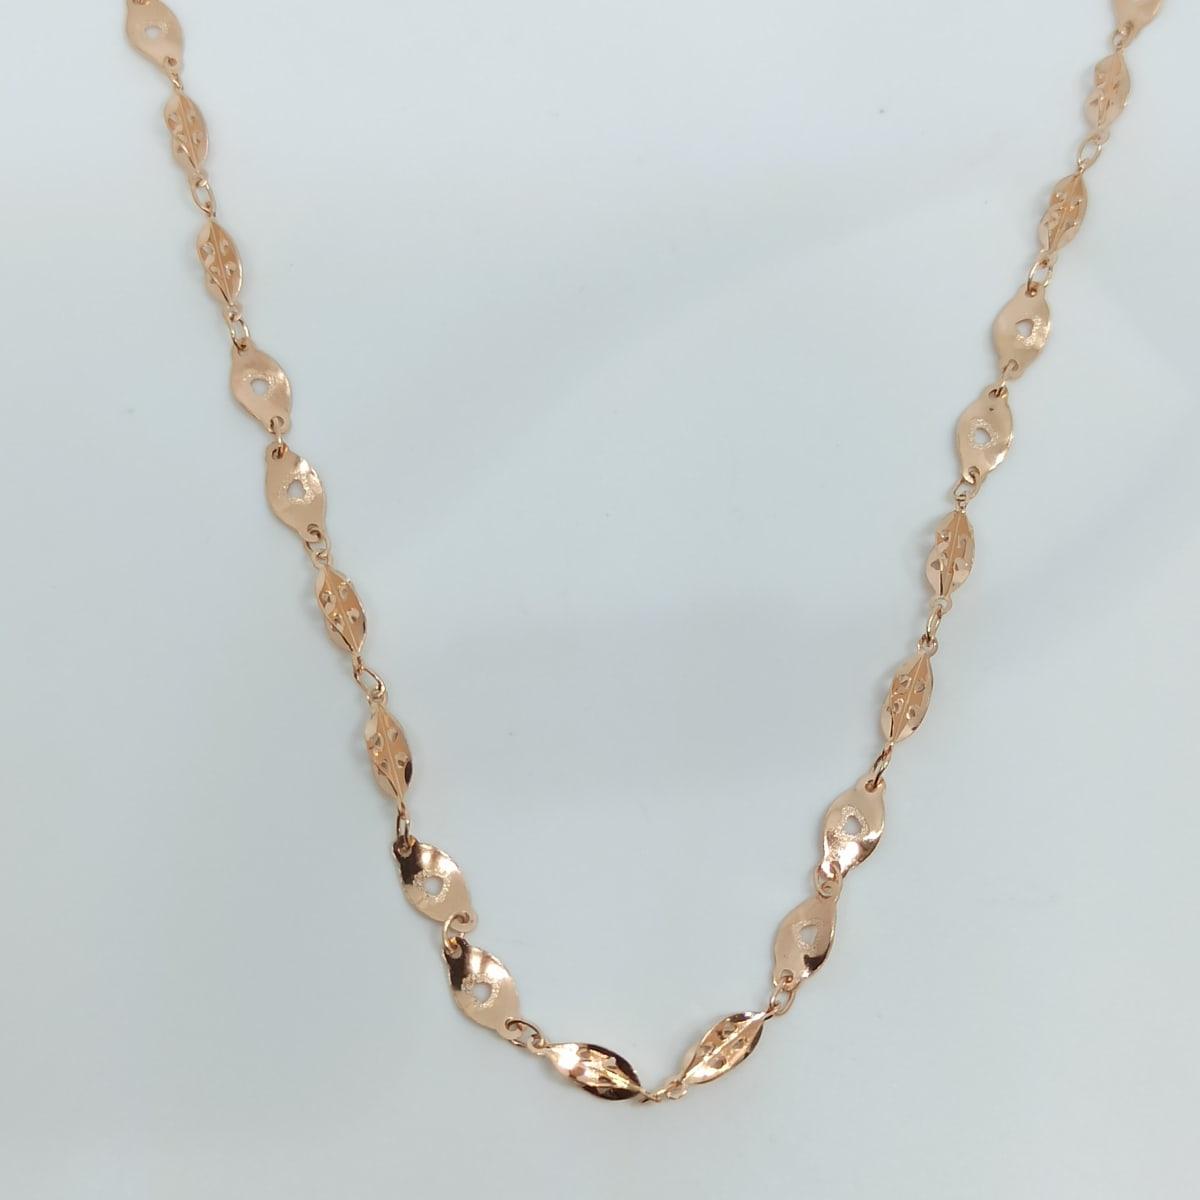 Plain Chain 15